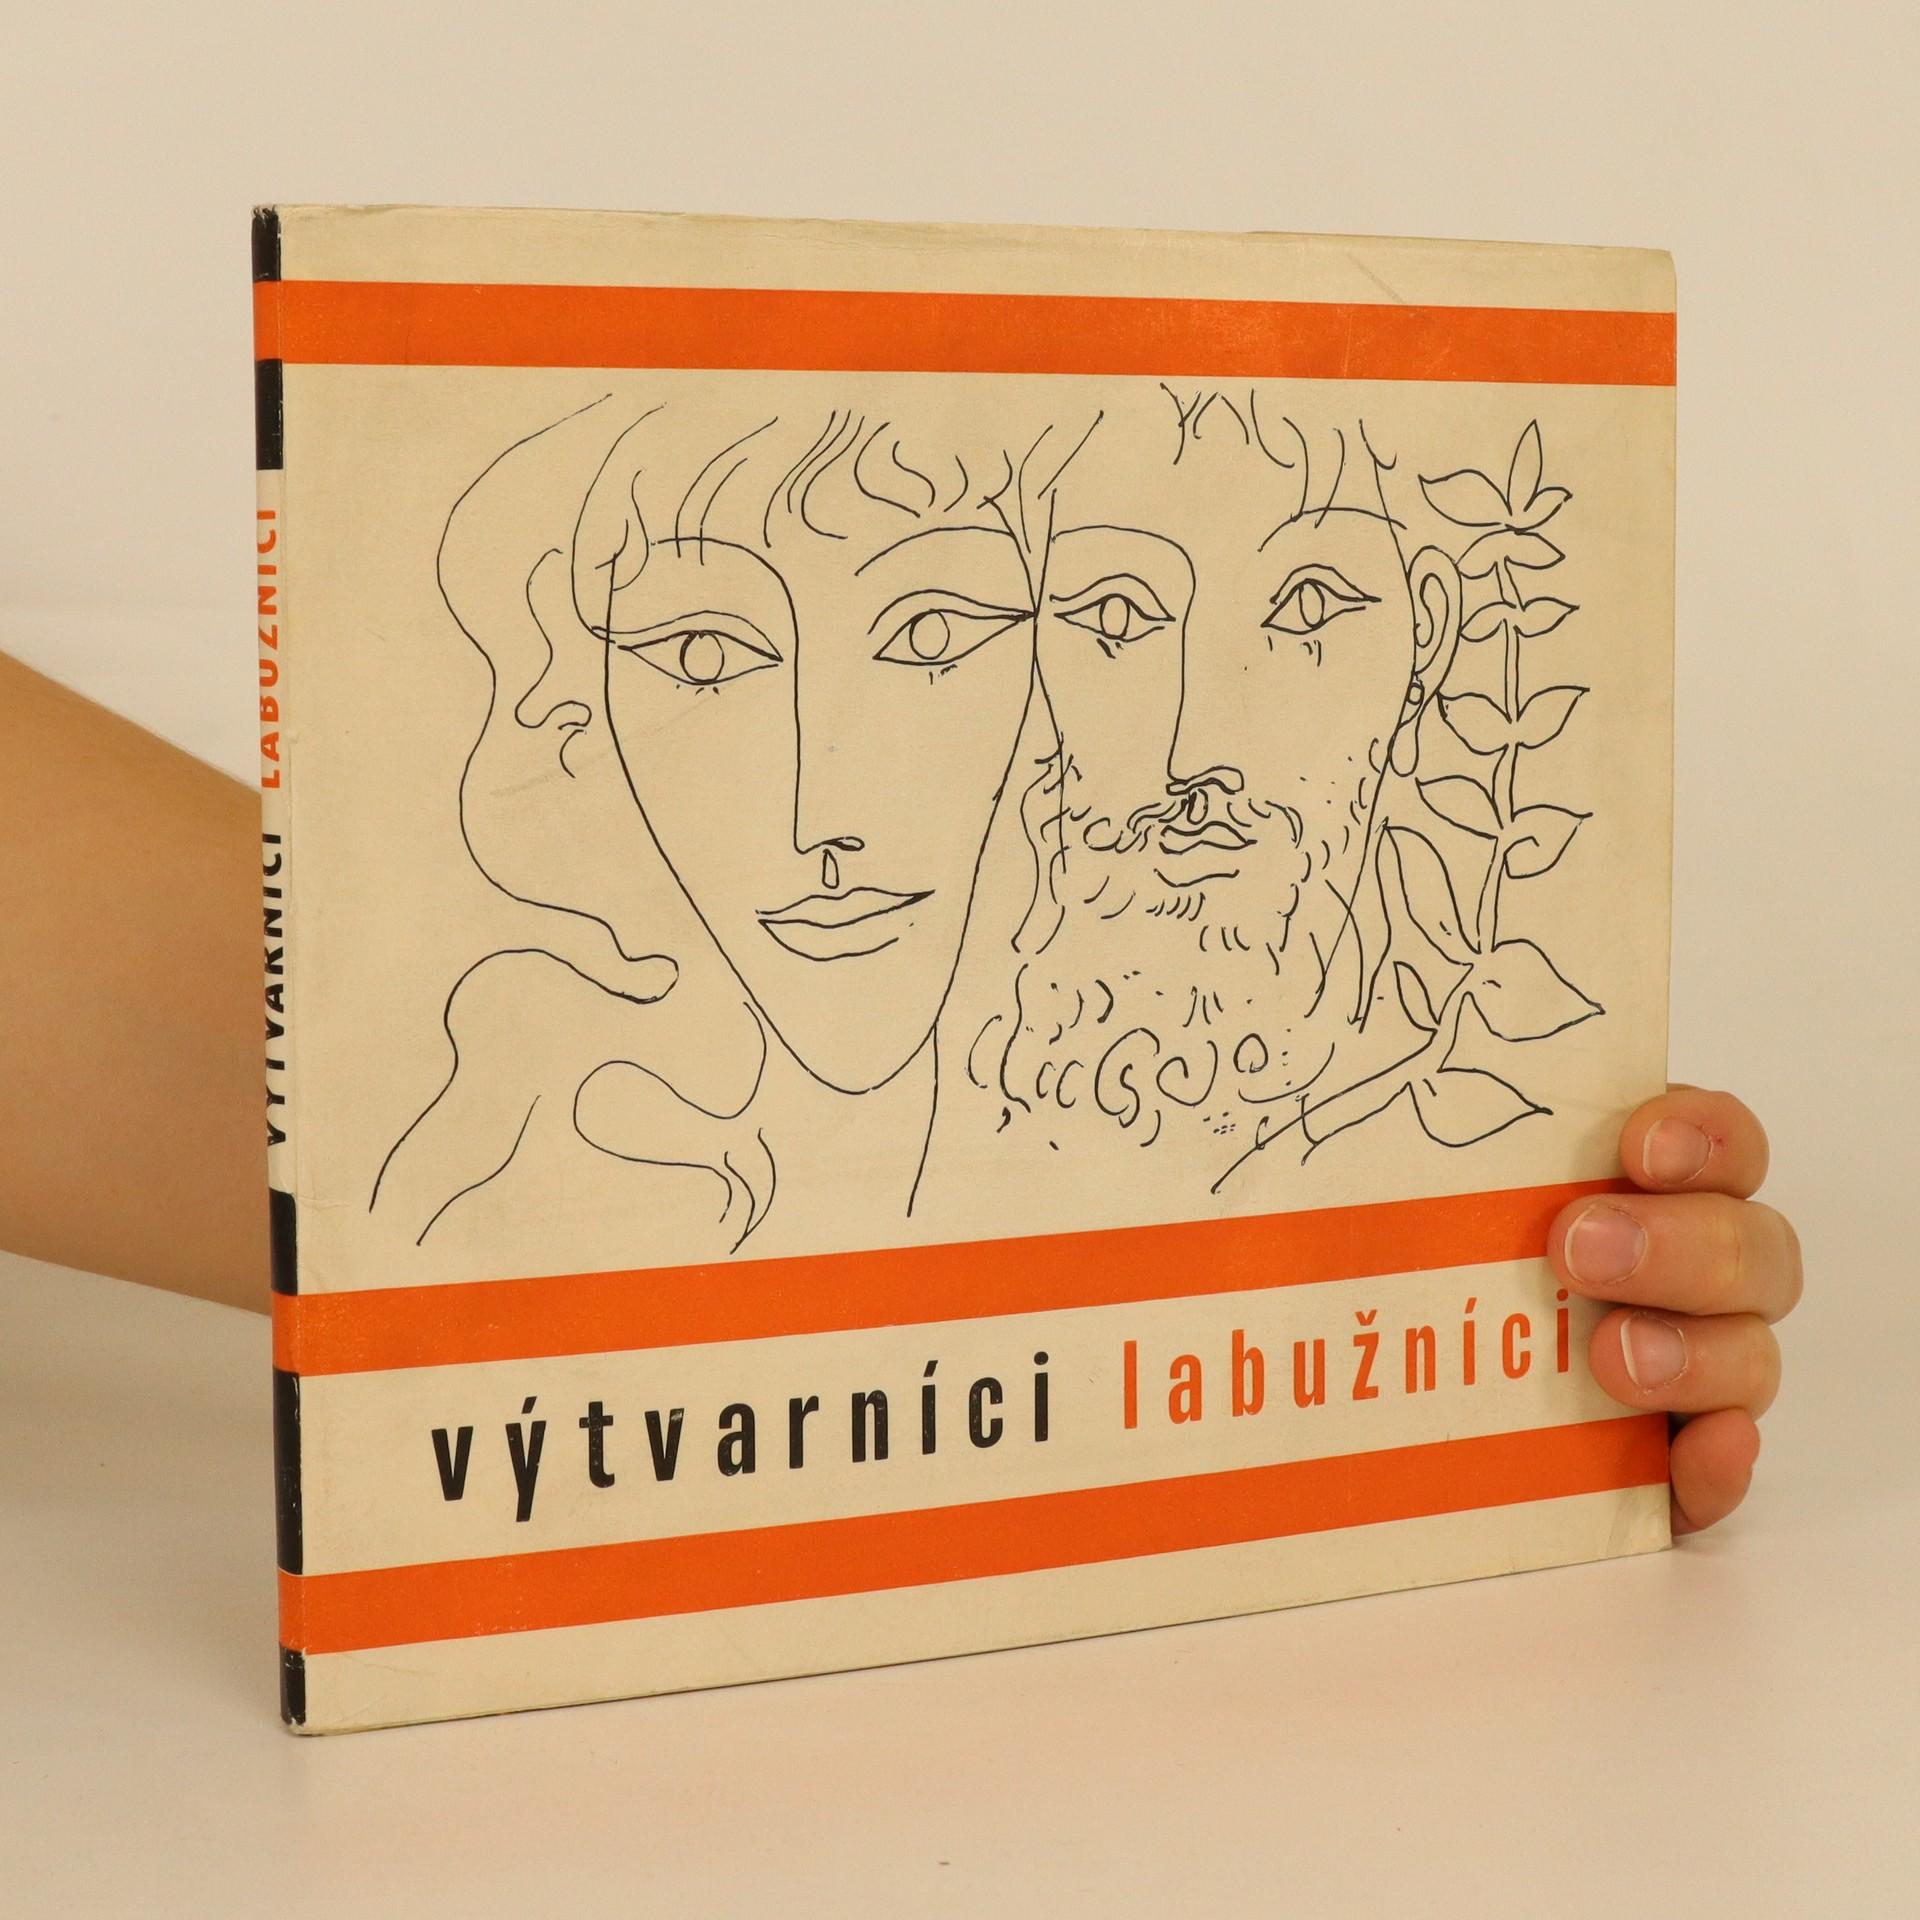 antikvární kniha Výtvarníci labužníci, 1971